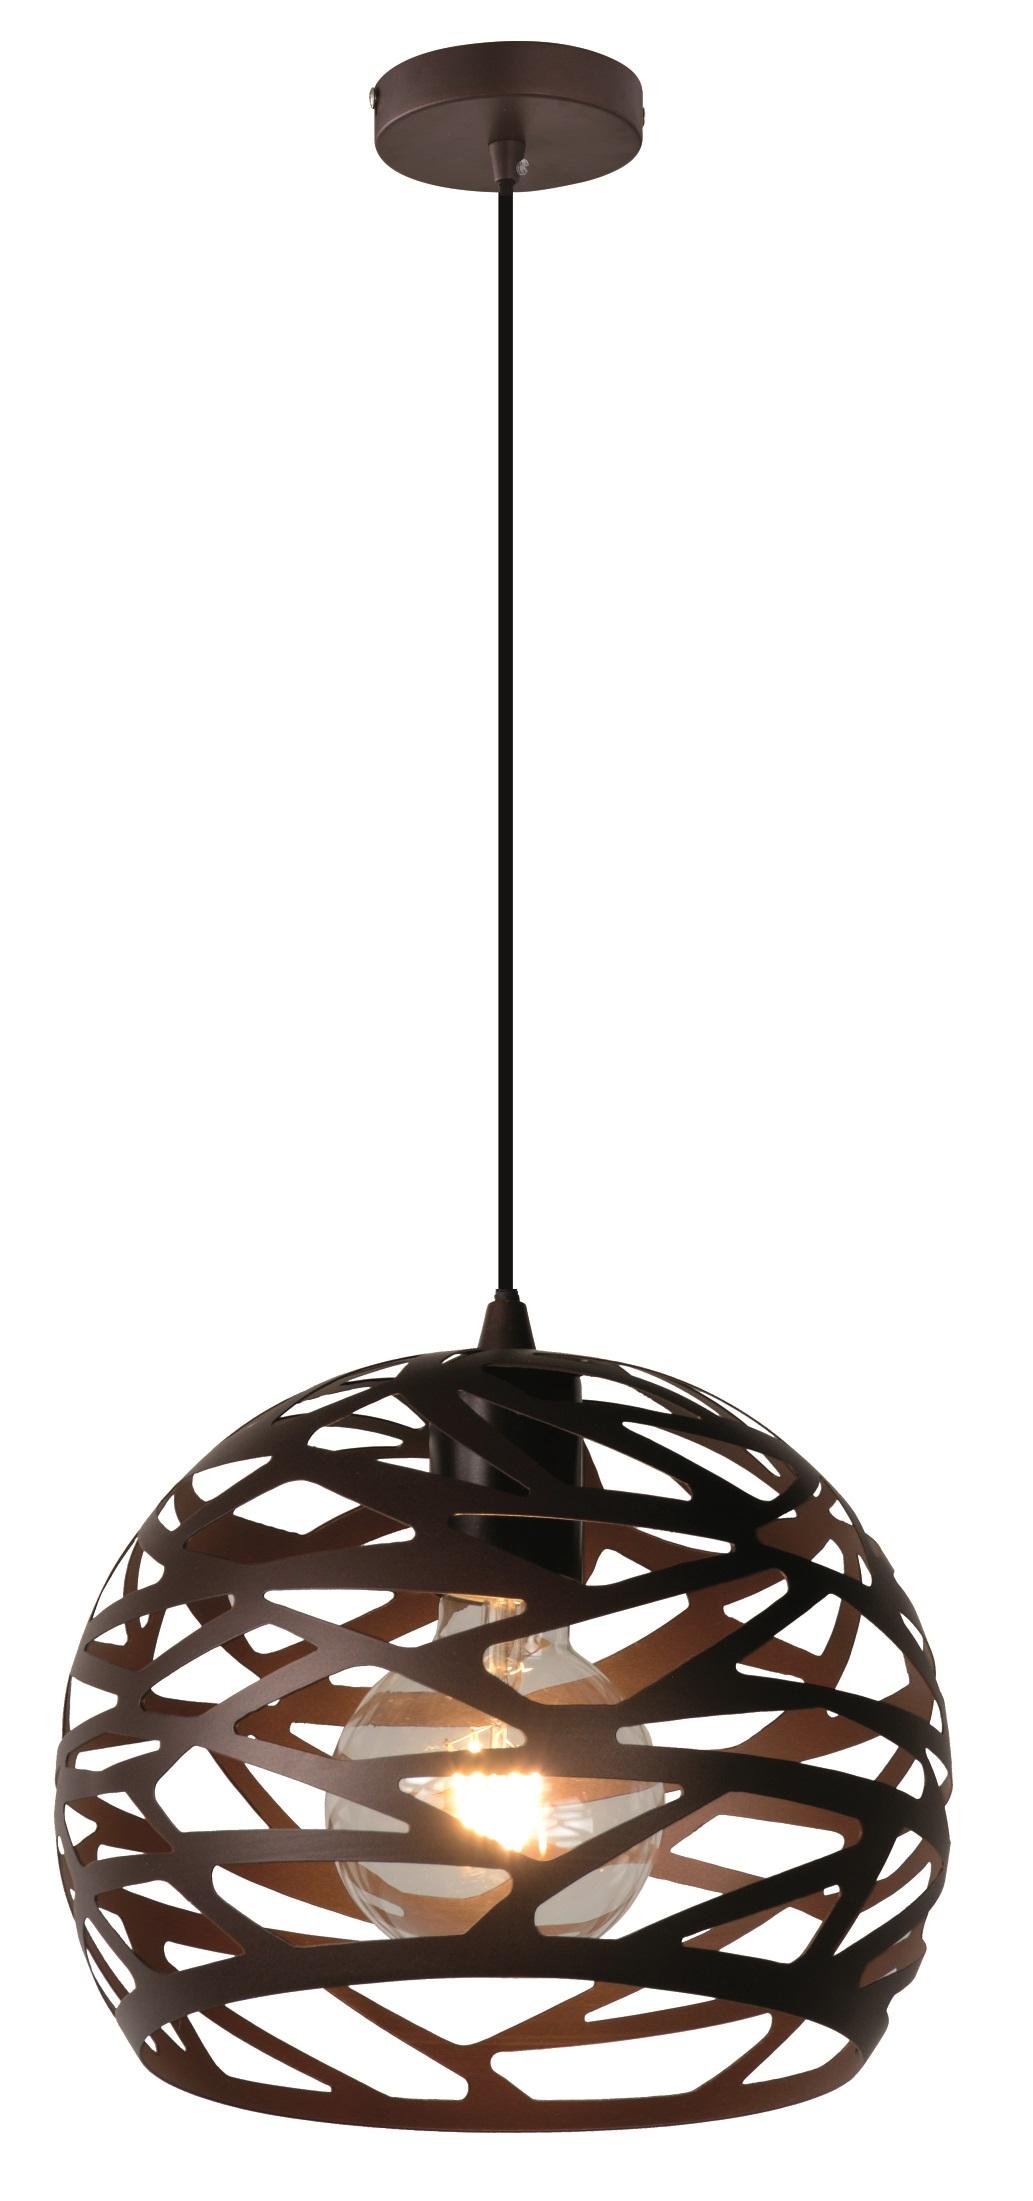 nowoczesna lampa wisząca dekoracyjna